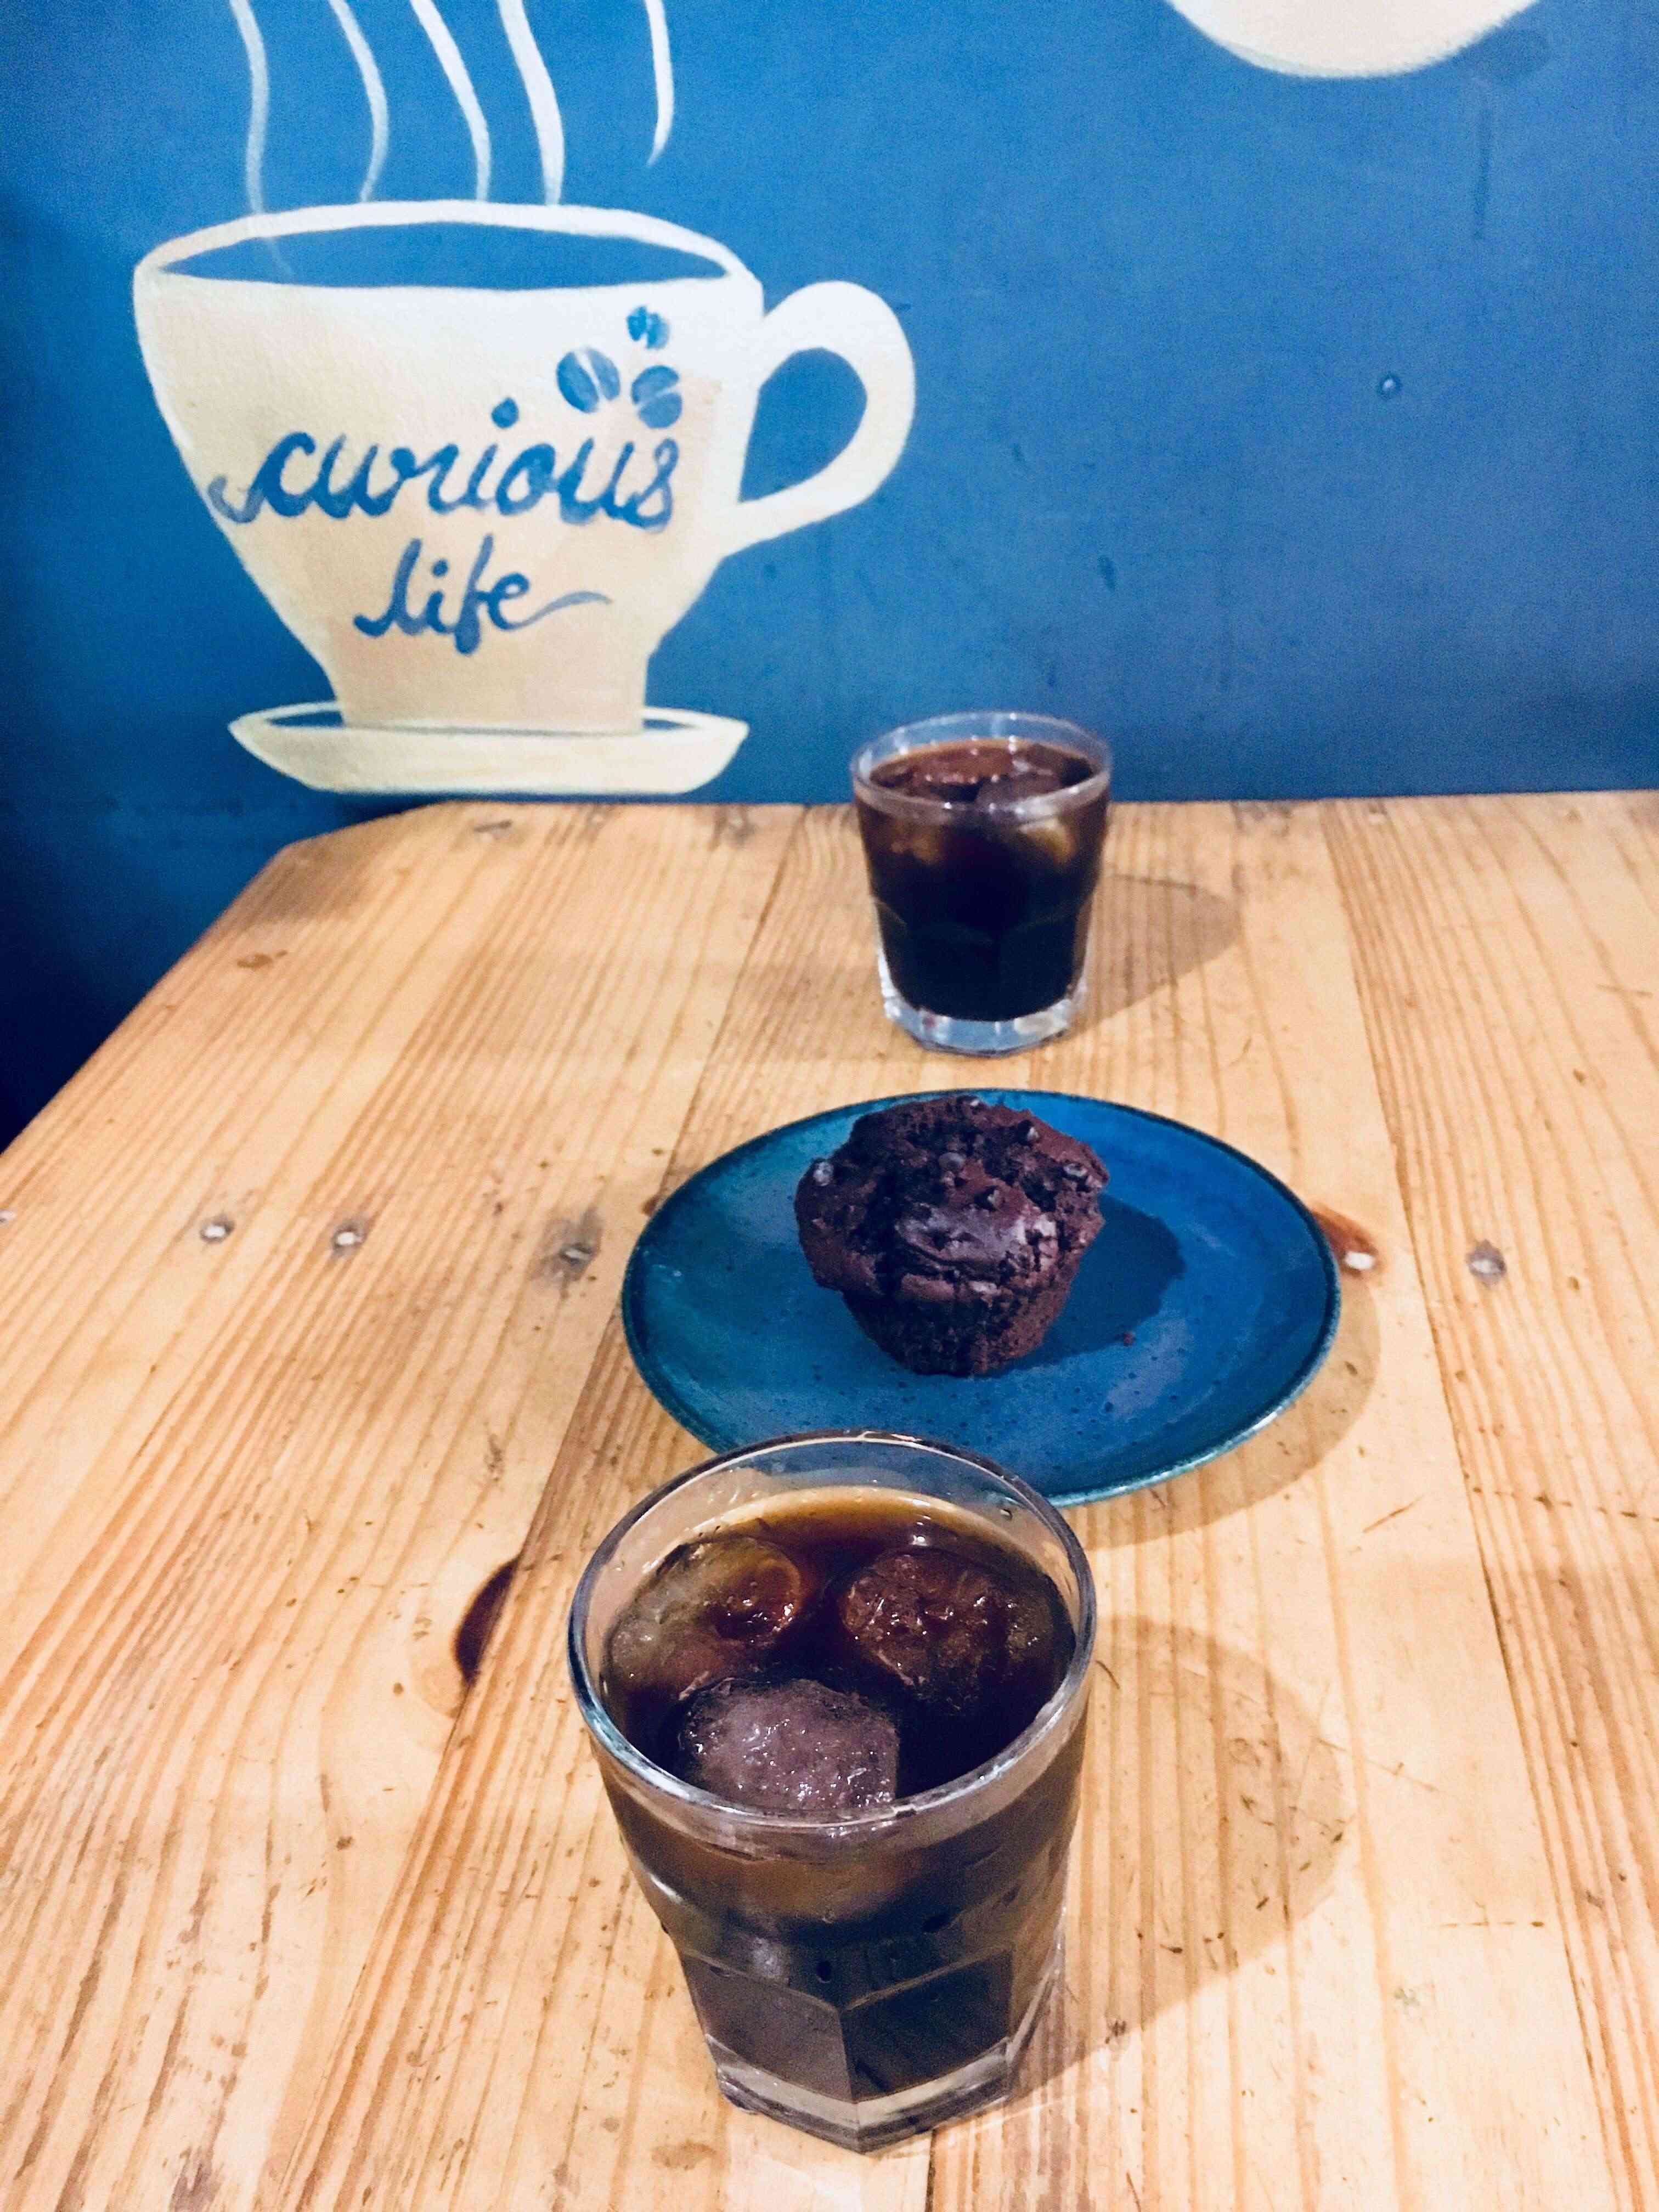 Curious Life Café